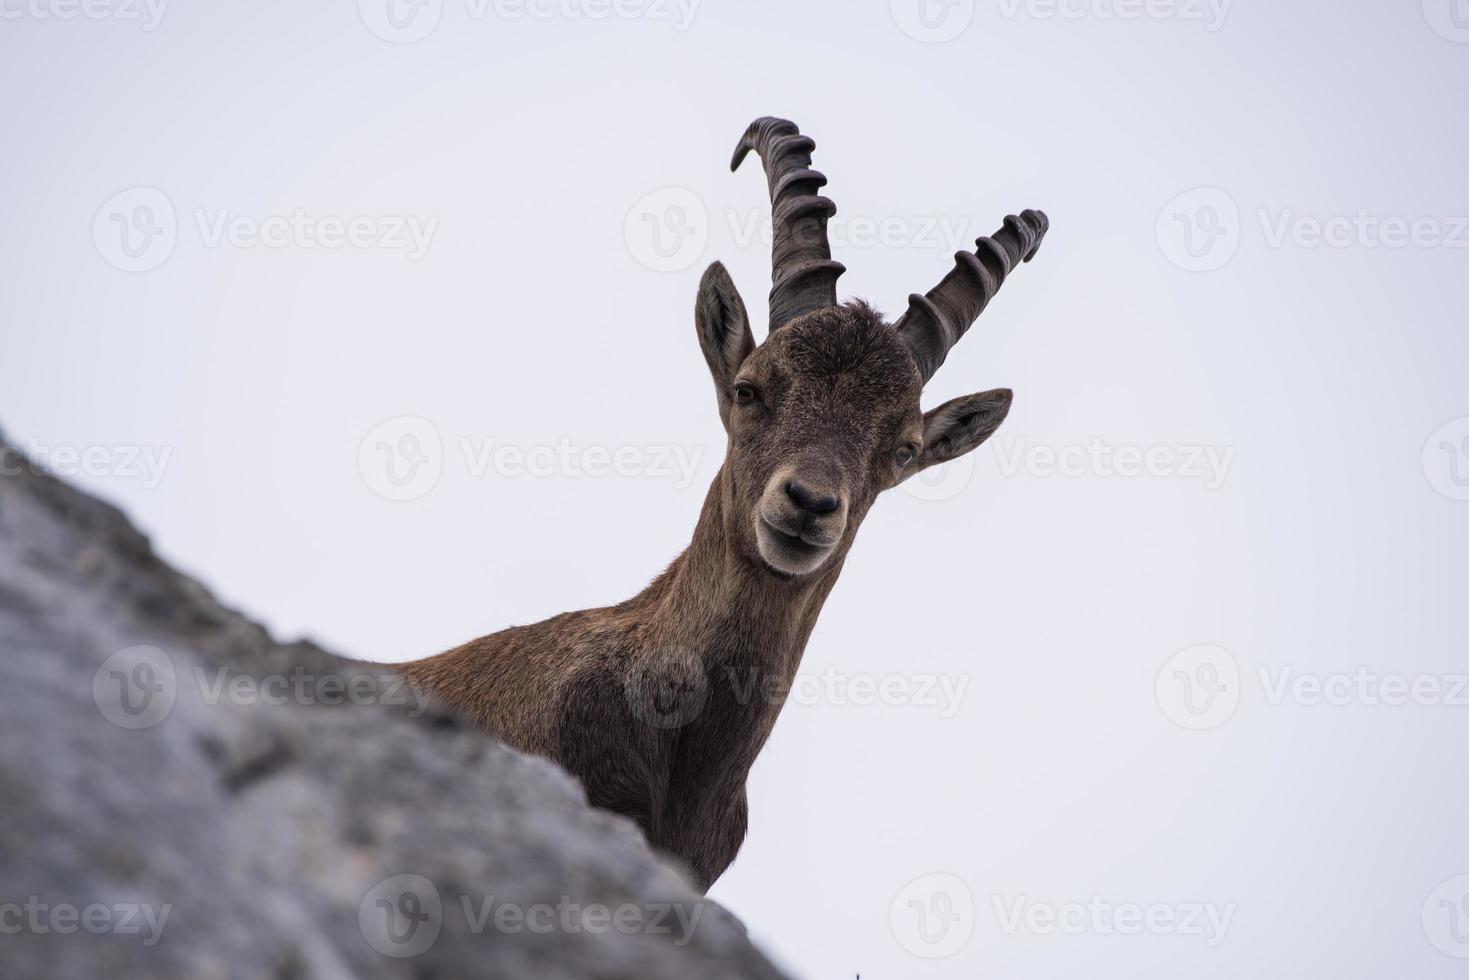 cabra montés macho en los Alpes julianos foto